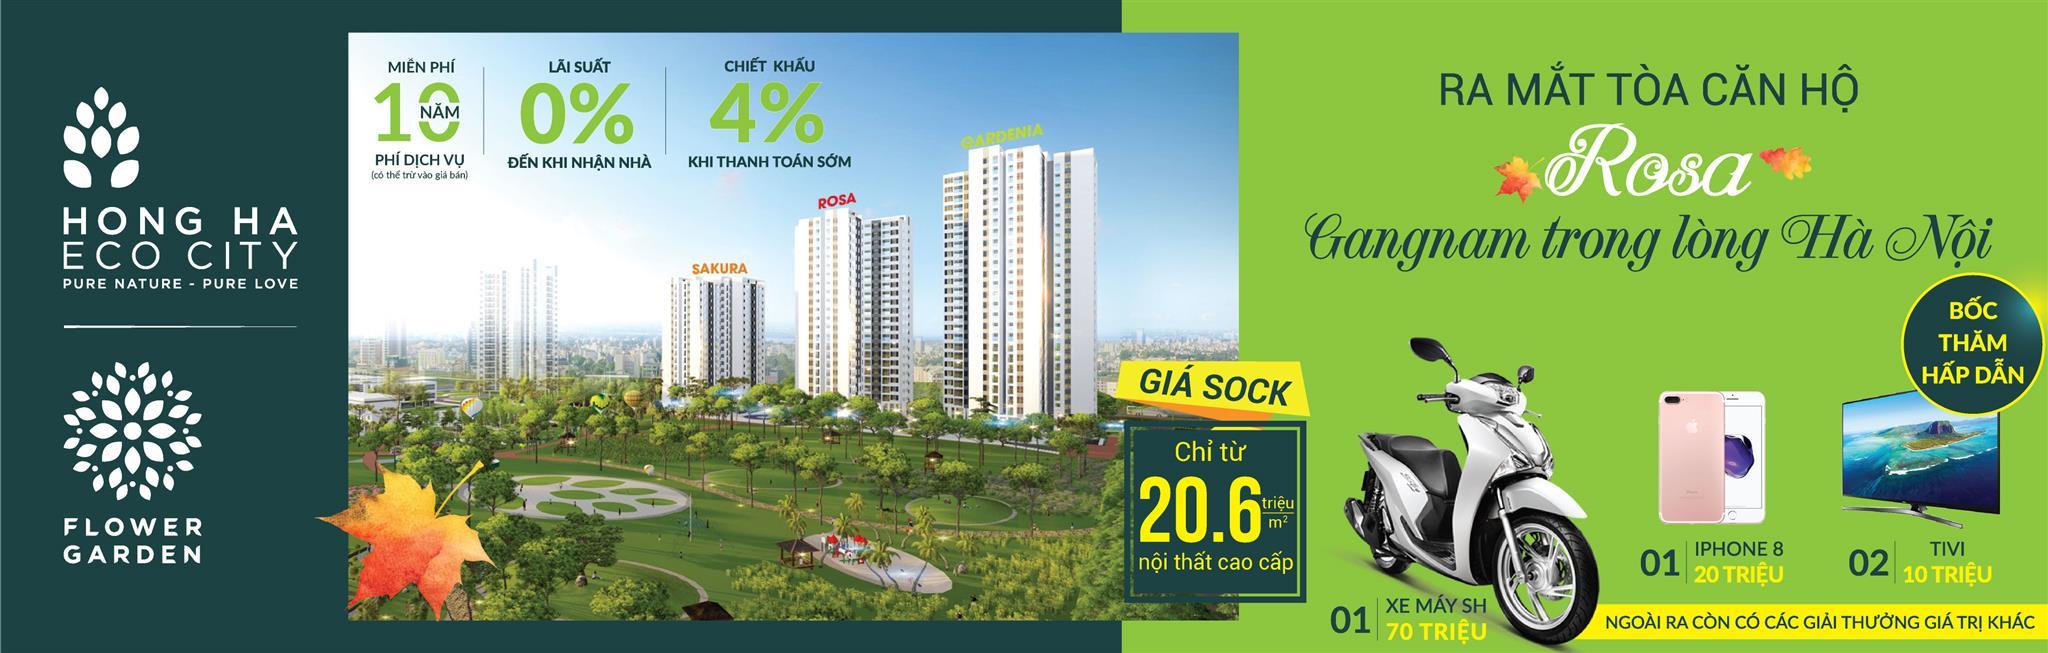 chính sách bán hàng tòa Rosa CT12 Chung cư Hồng Hà Eco City